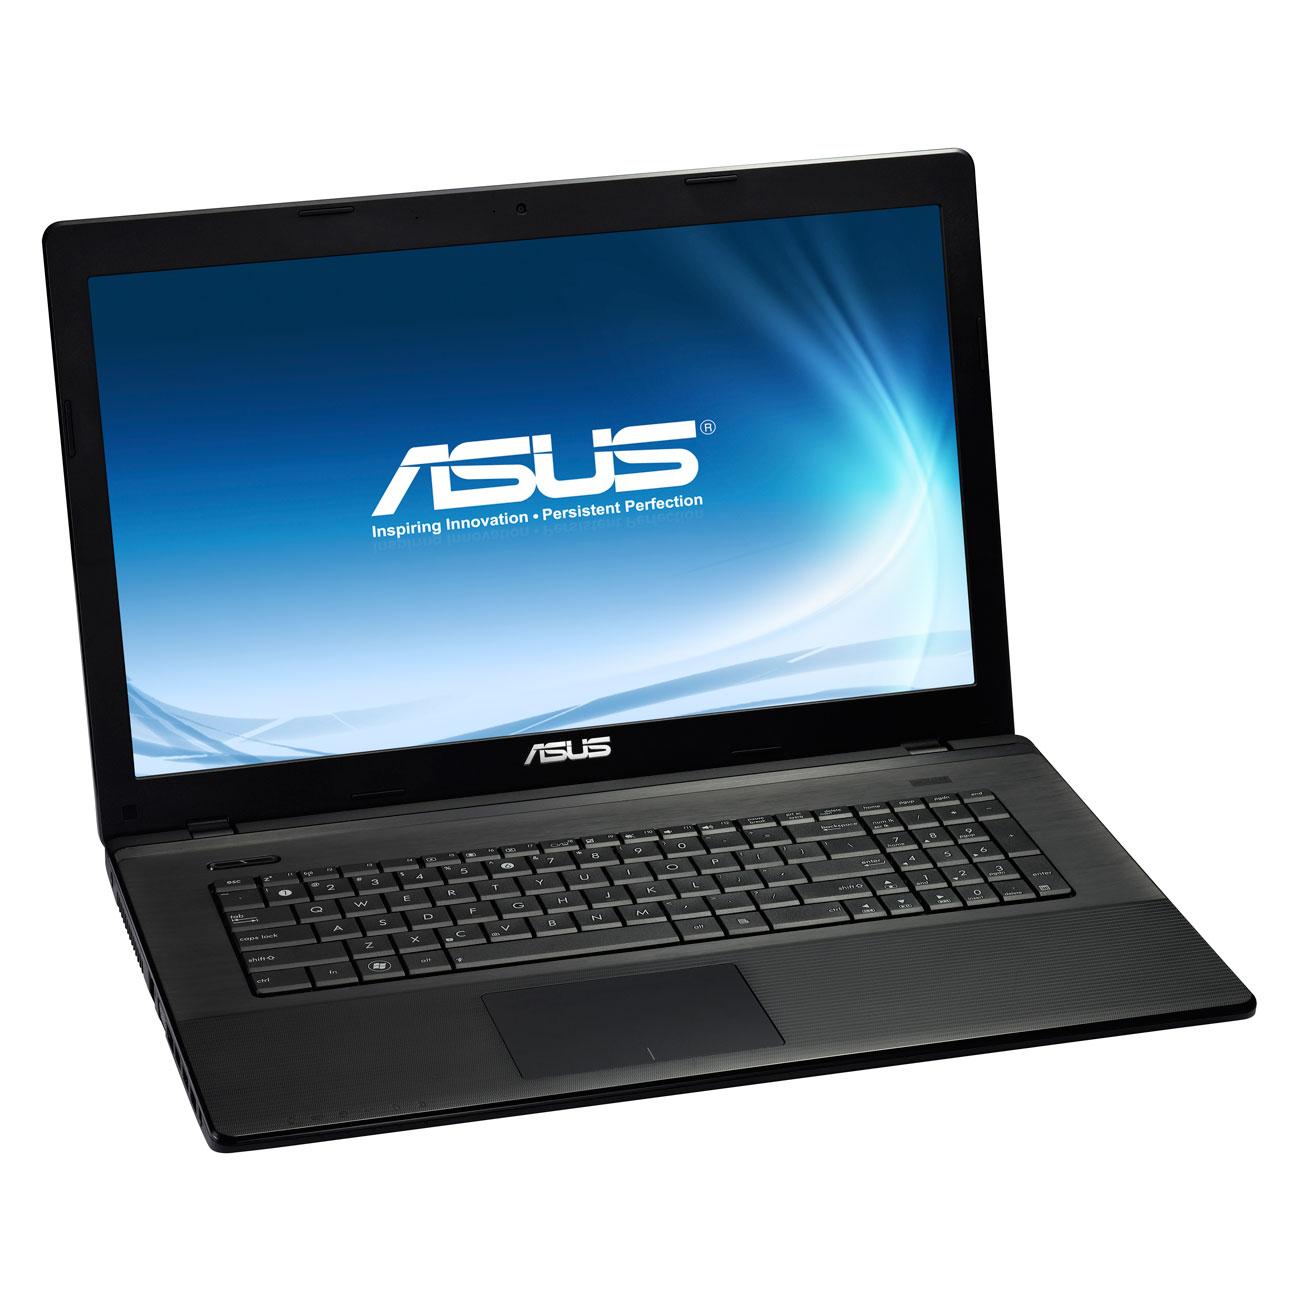 """PC portable ASUS X75A-TY234H Intel Core i3-2370M 4 Go 1 To 17.3"""" LED Graveur DVD Wi-Fi N Webcam Windows 8 64 bits (garantie constructeur 1 an)"""